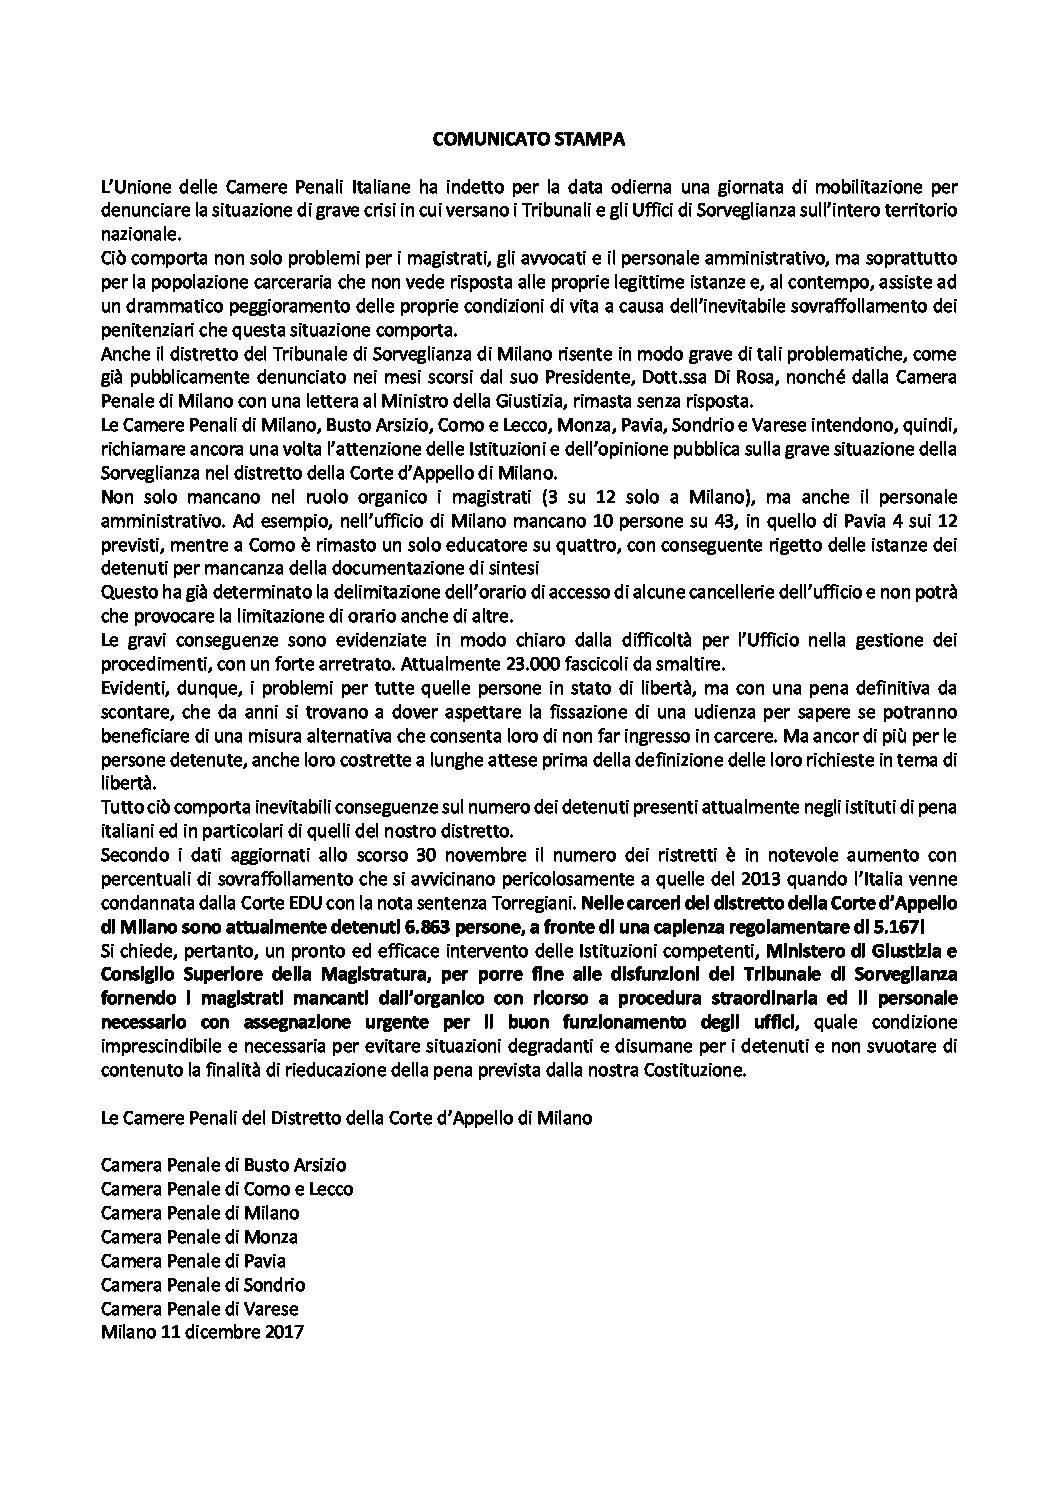 Comunicato stampa Camere Penali Distretto Corte d'Appello di Milano